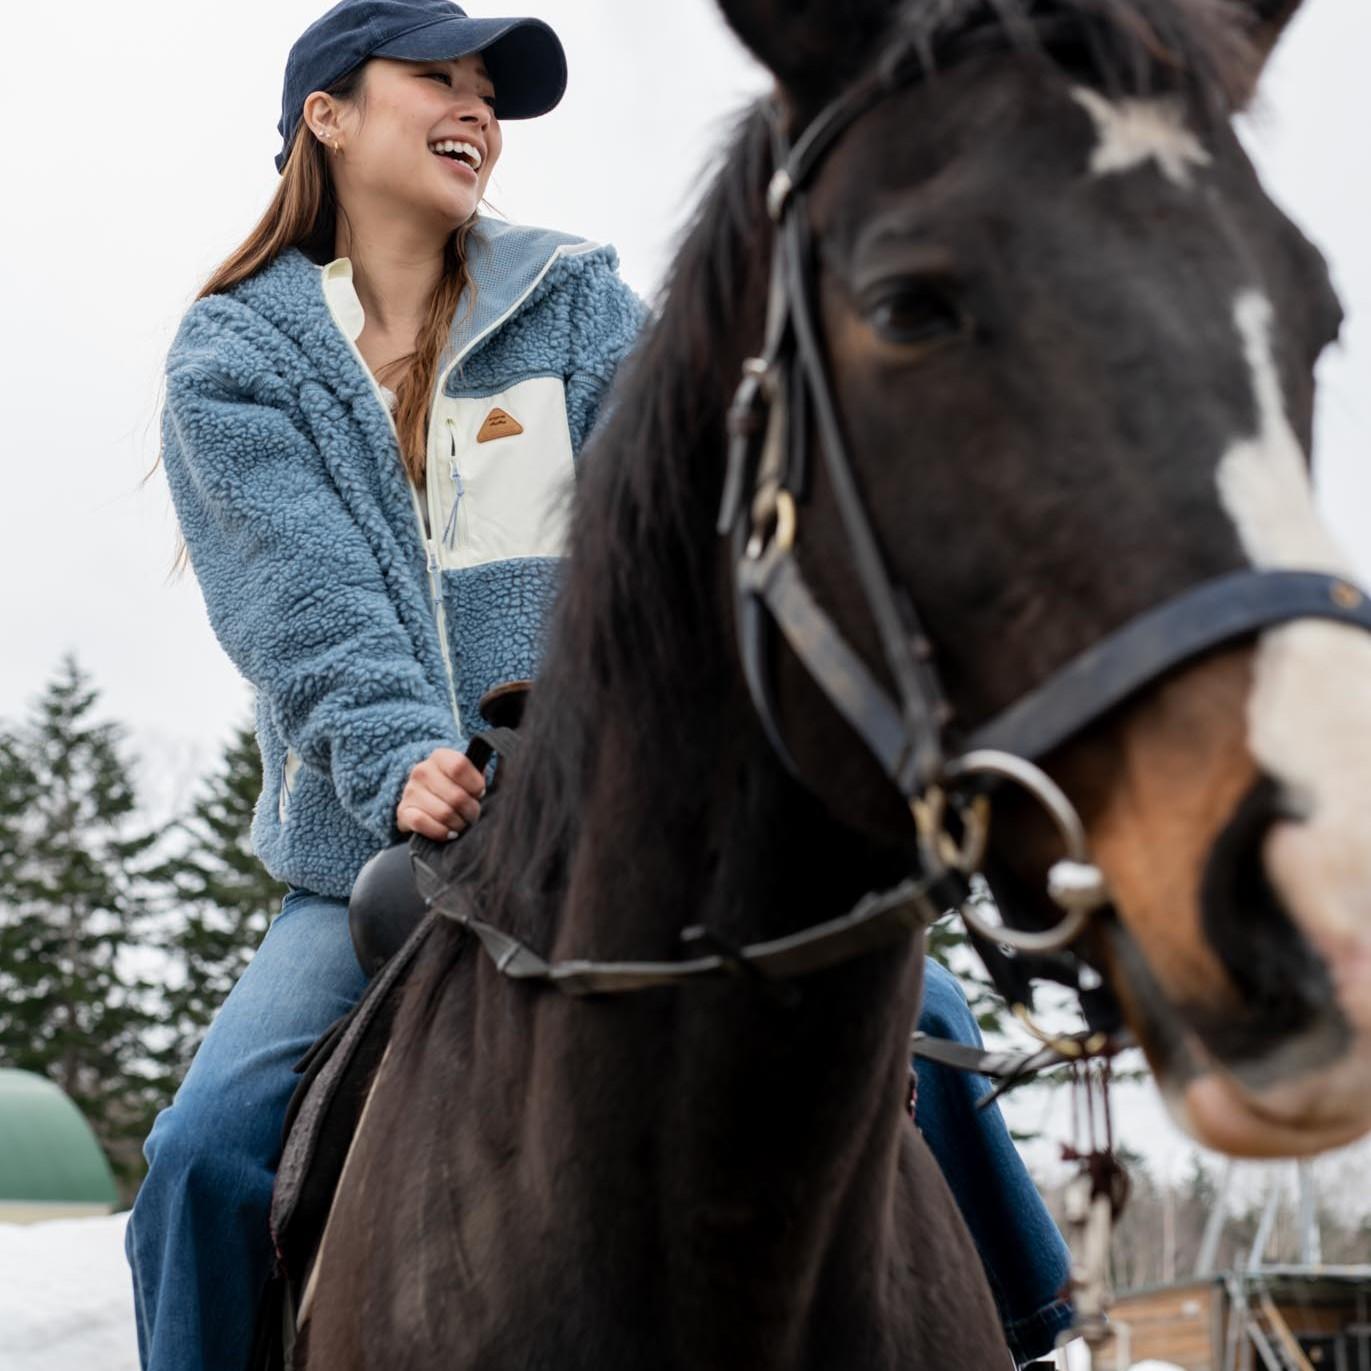 Horse Riding in Niseko